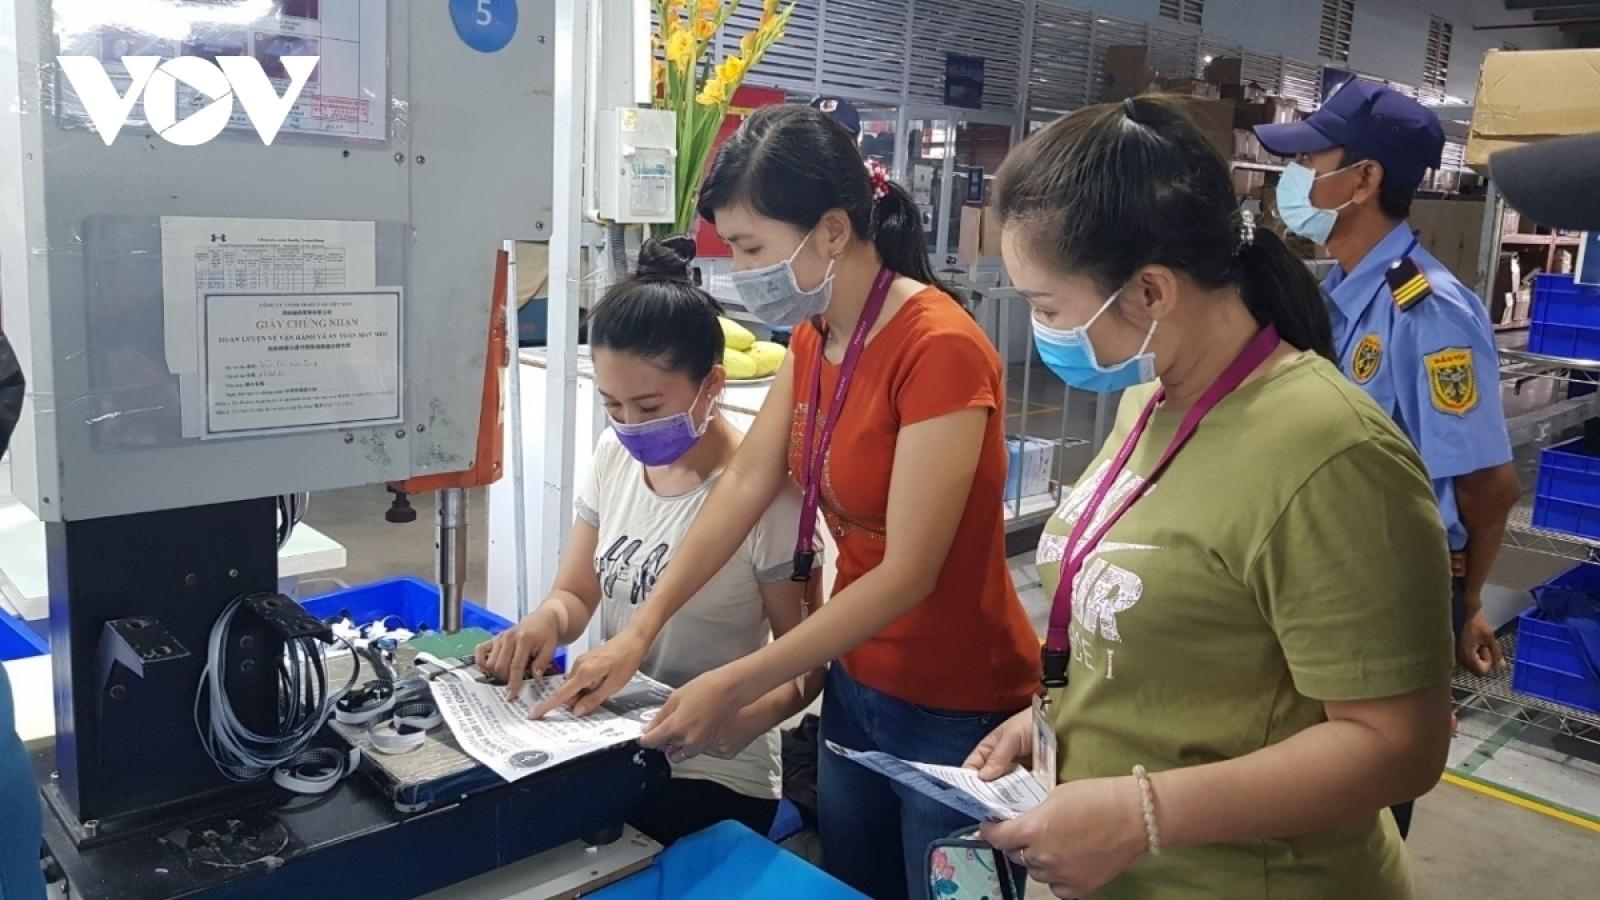 Gói hỗ trợ 6.000 tỷ đào tạo lại lao động: Tránh gây khó khăn cho doanh nghiệp